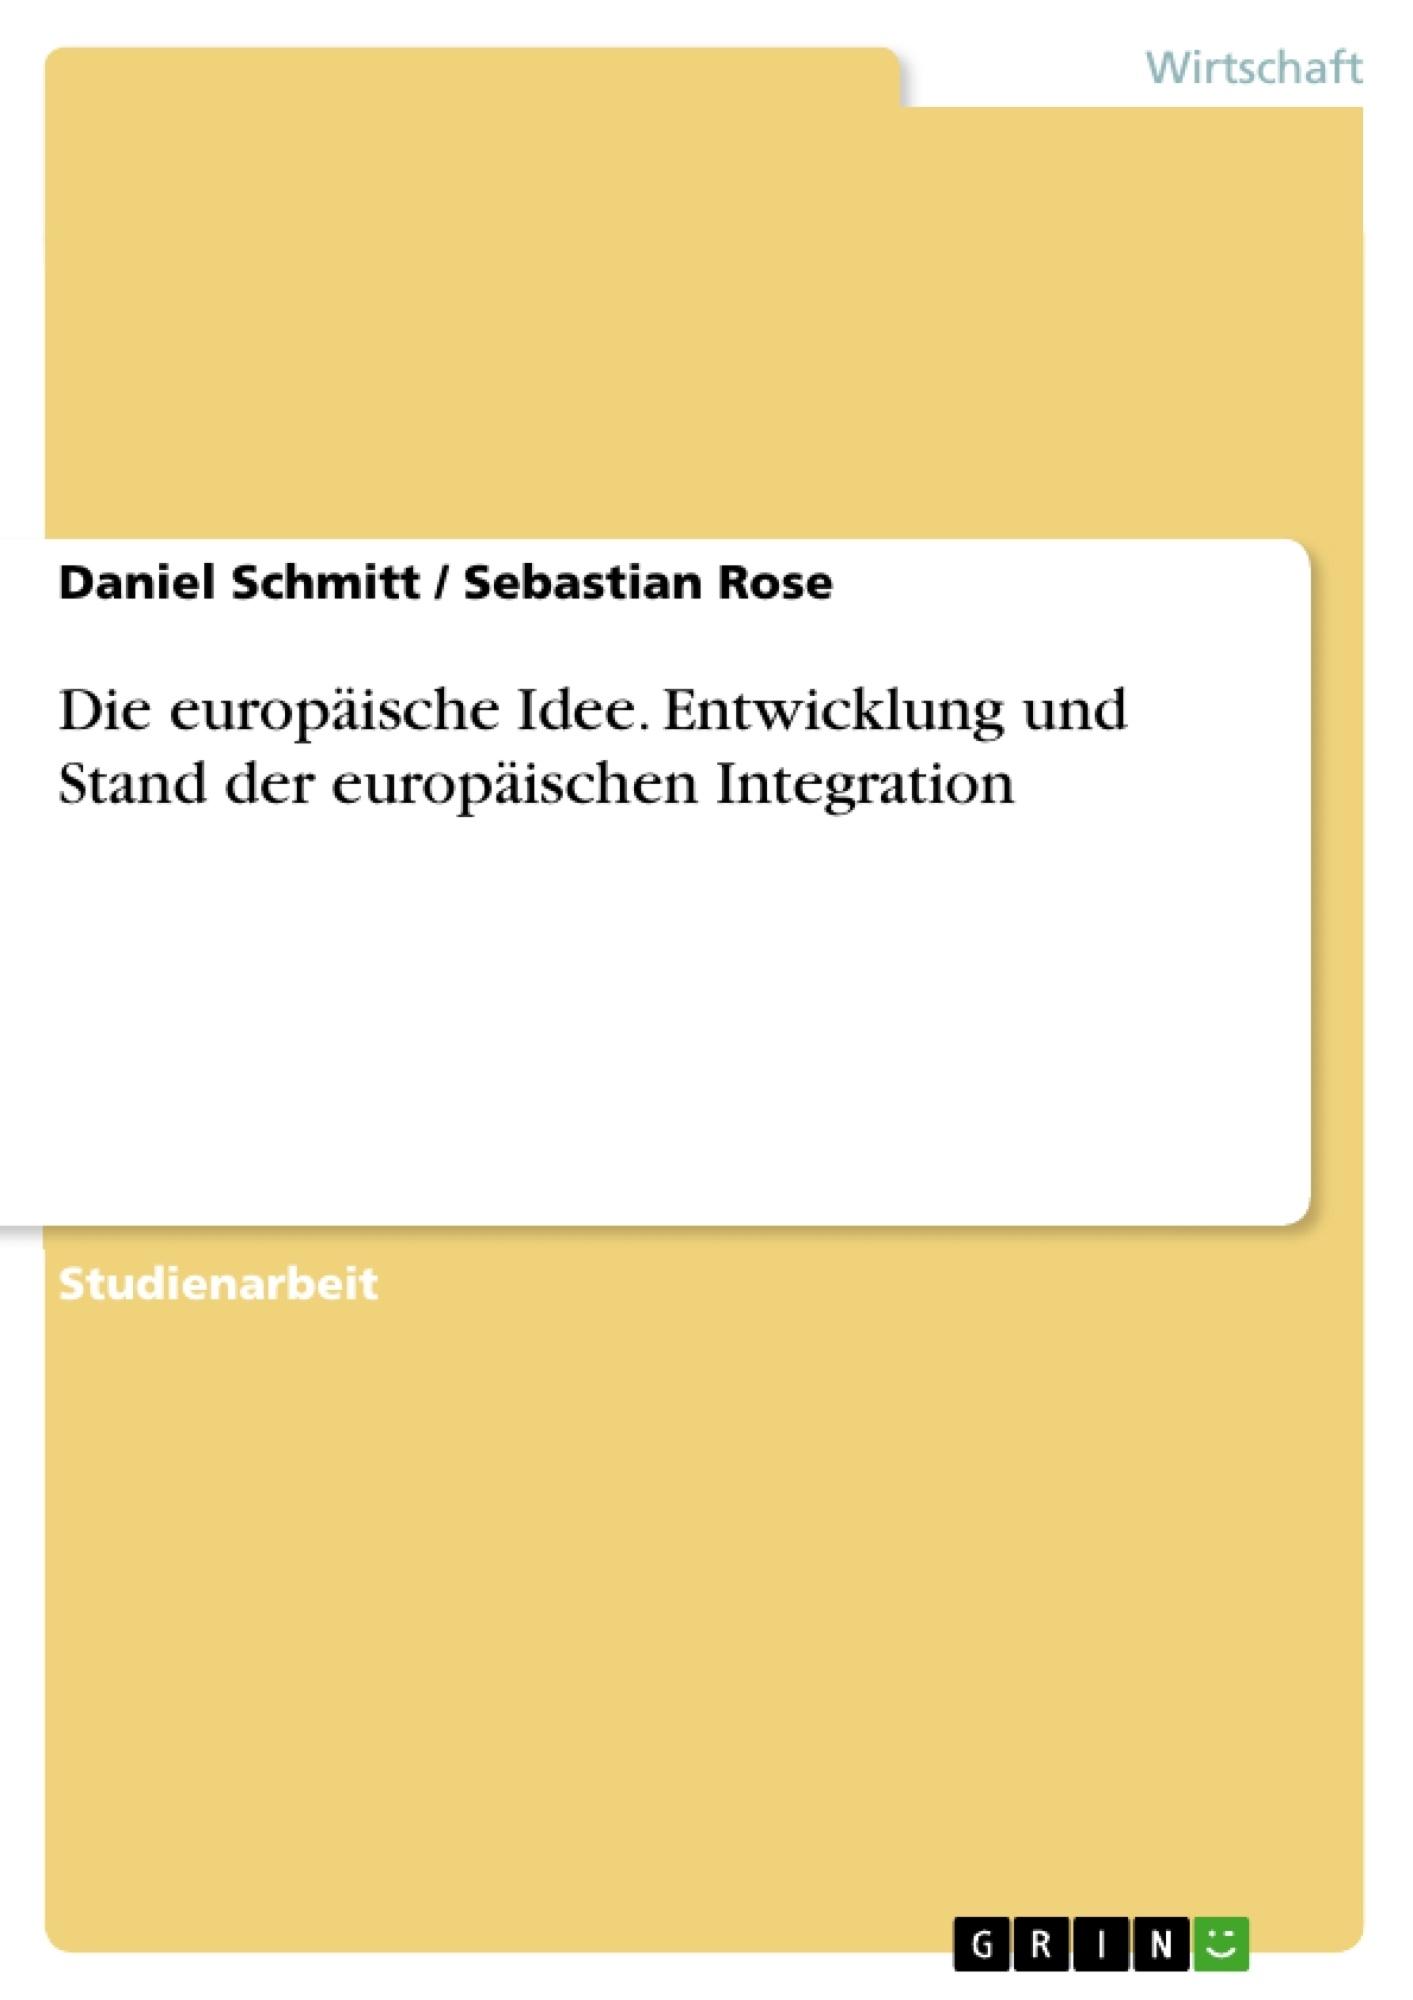 Titel: Die europäische Idee. Entwicklung und Stand der europäischen Integration